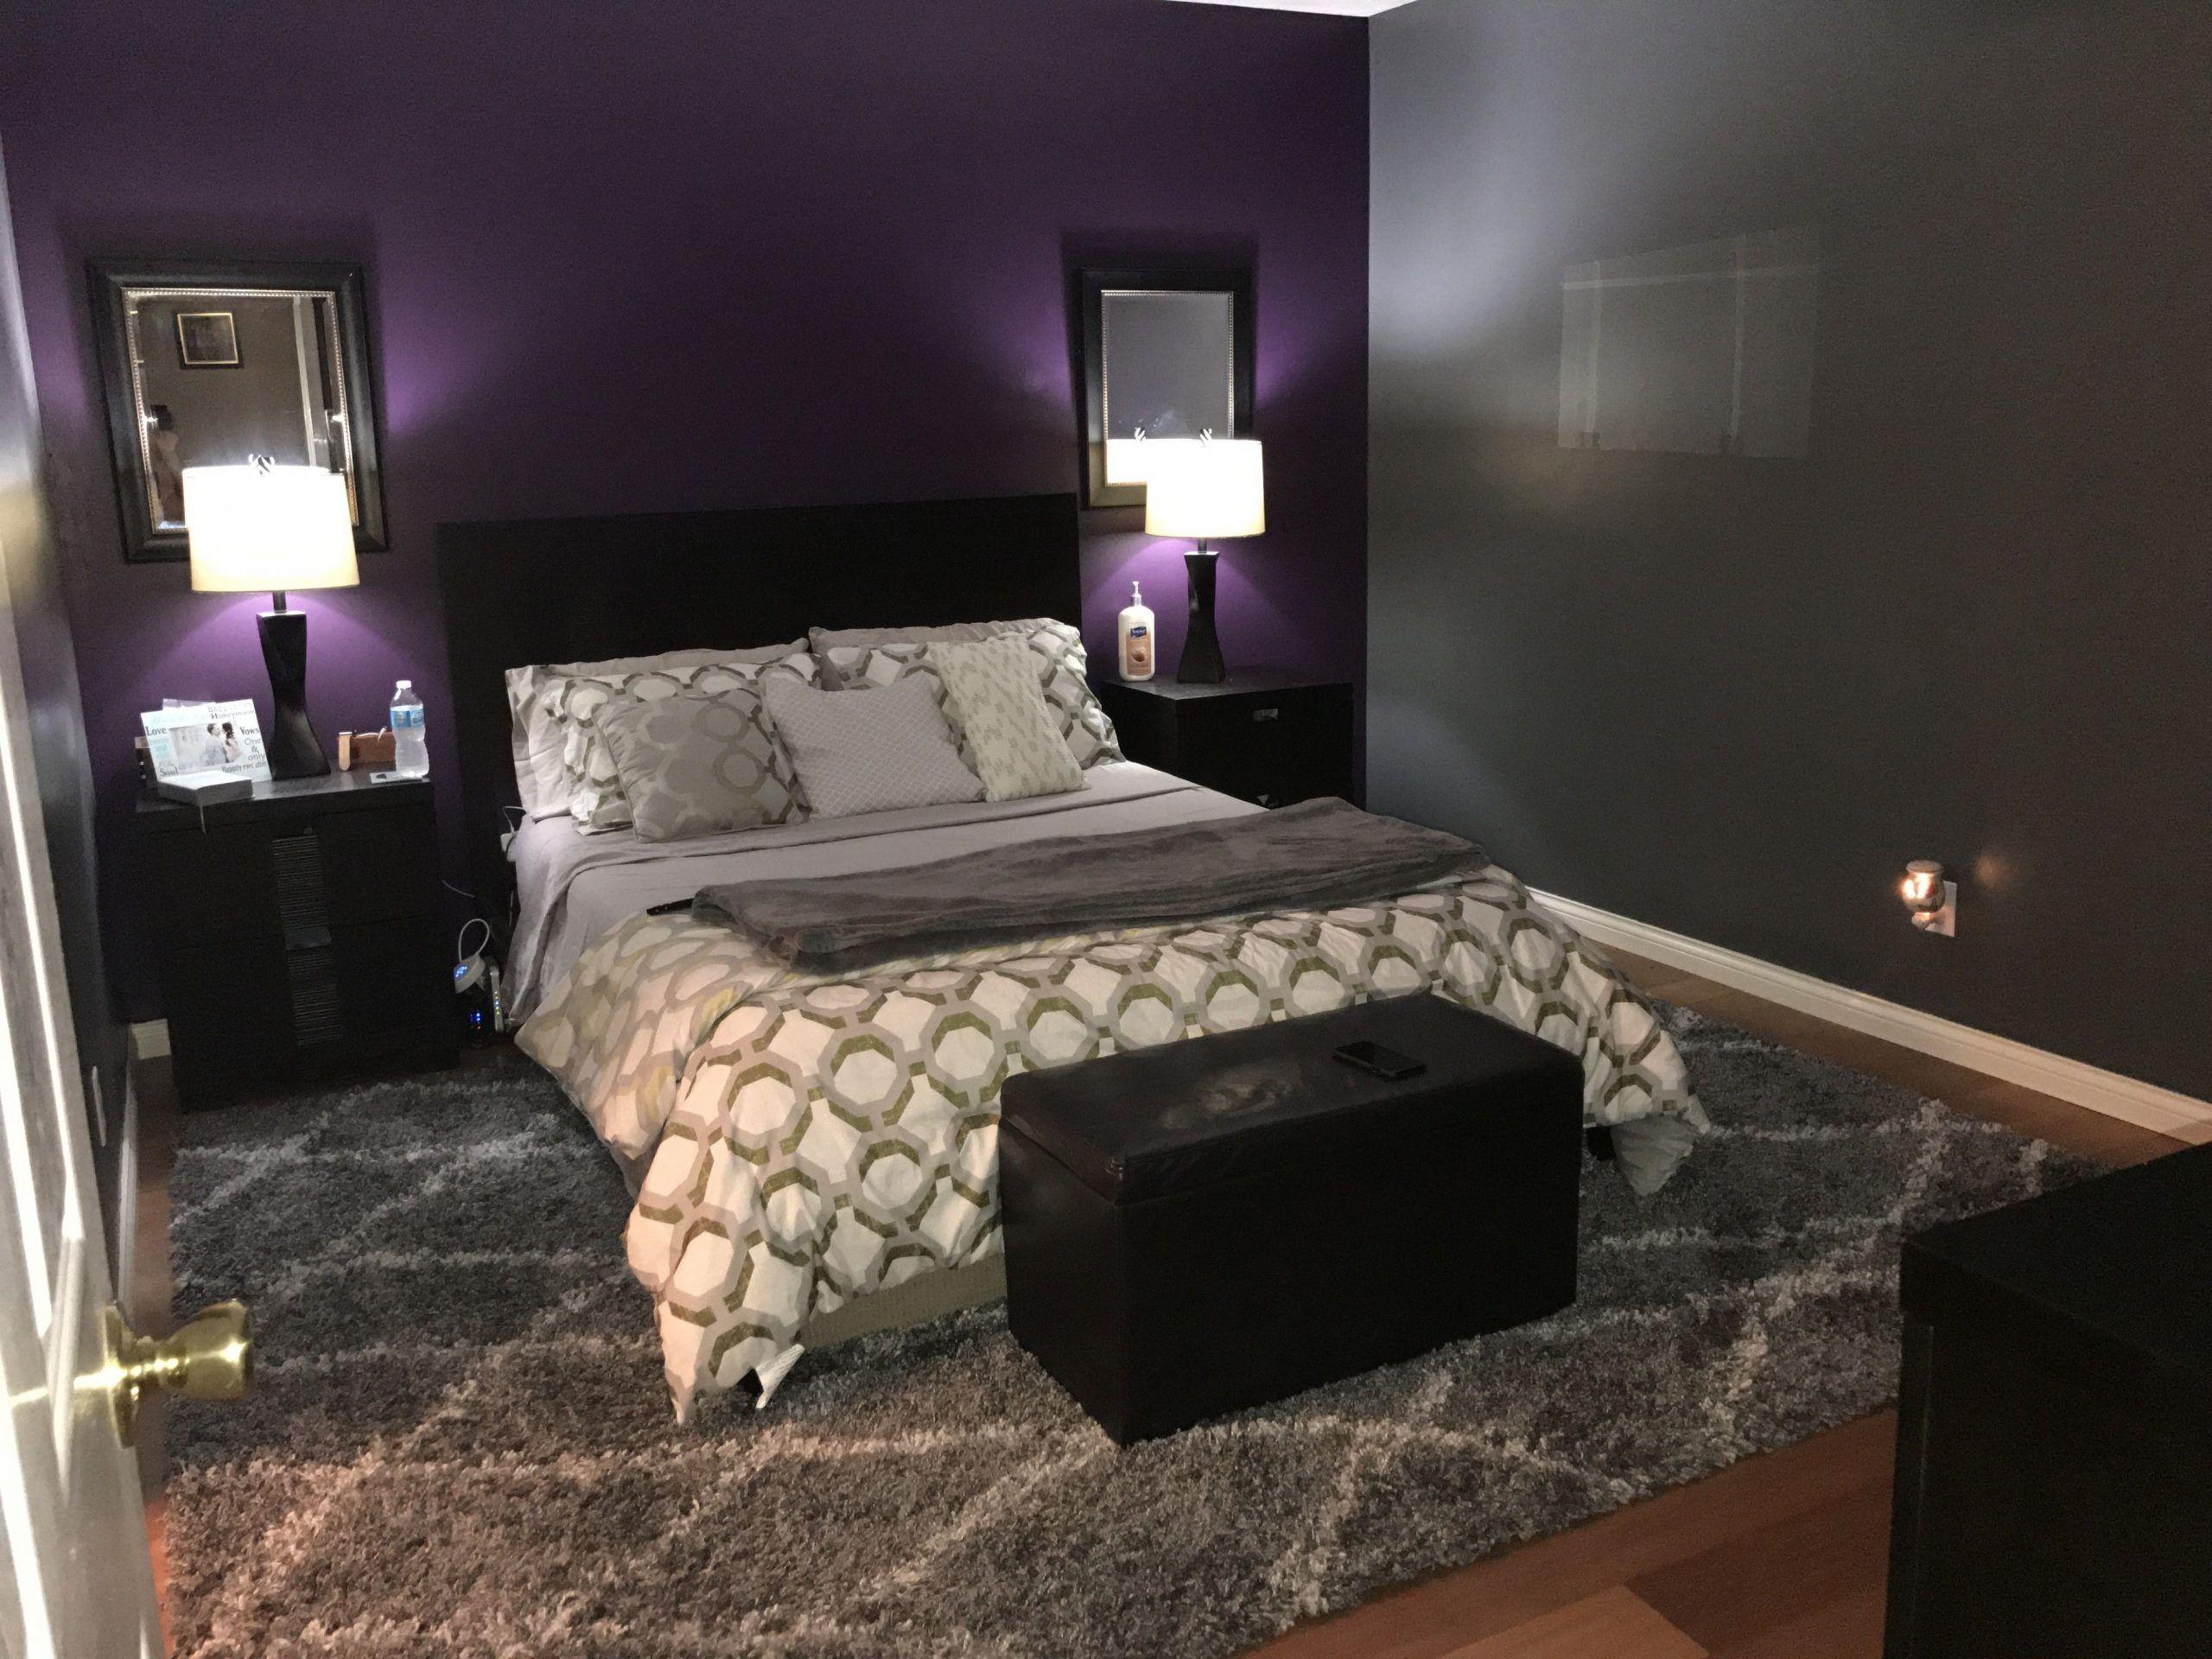 Purple And Gray Master Bedroom Ideas In 2020 Purple Master Bedroom Purple Bedroom Design Master Bedrooms Decor